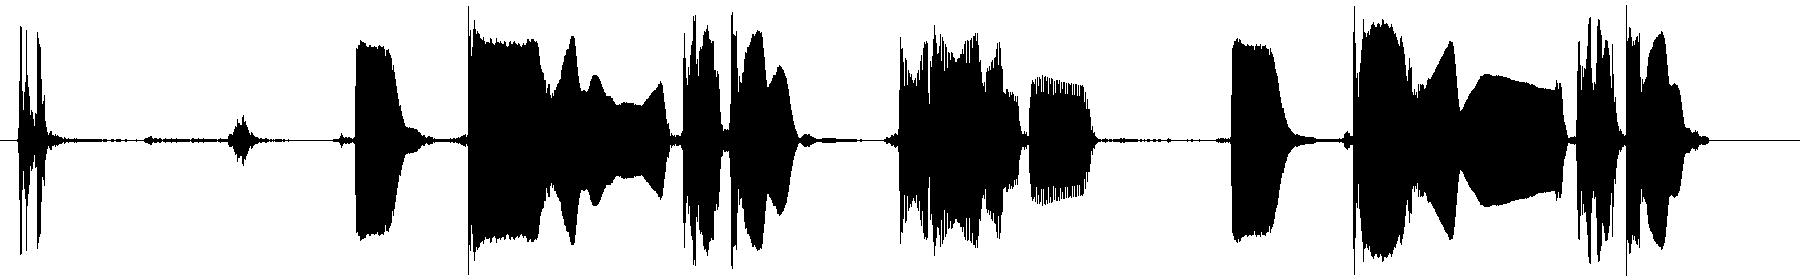 guitarfunk10 120